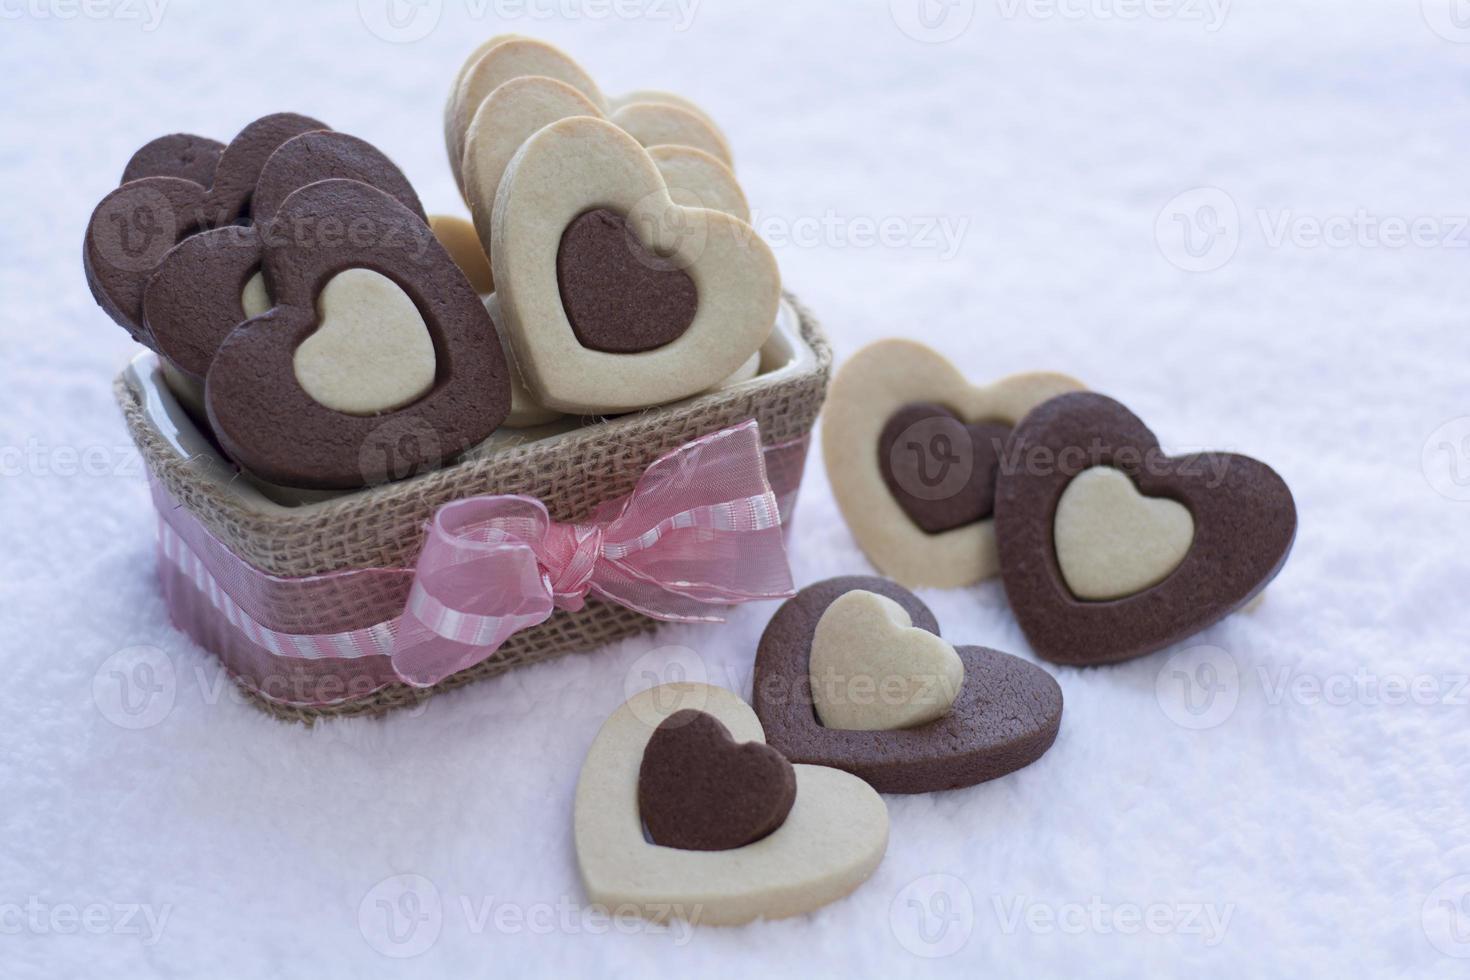 galletas de chocolate y vainilla foto